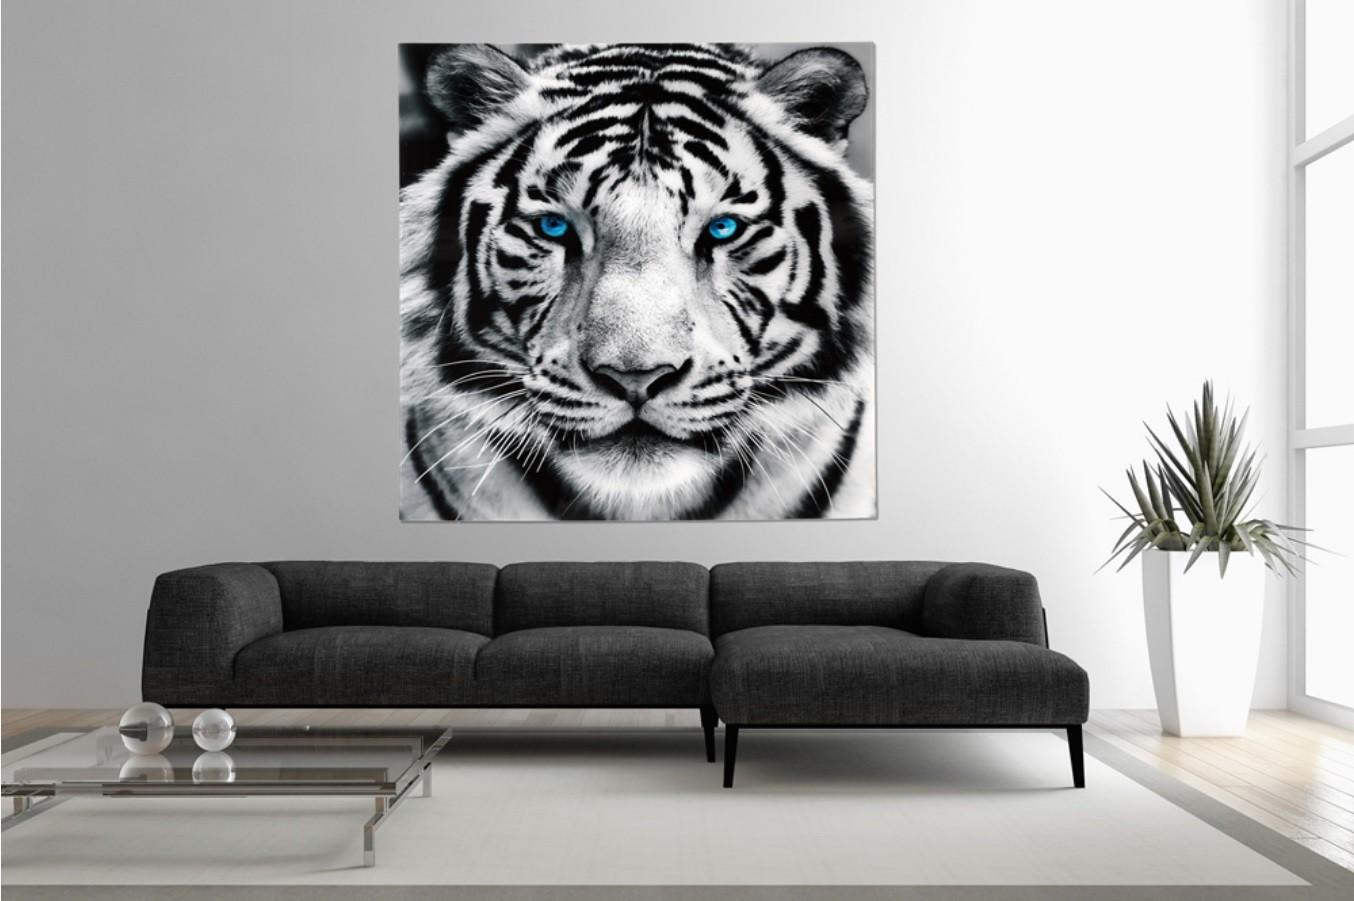 Tableau pour décoration : que choisir pour décorer votre salon ?